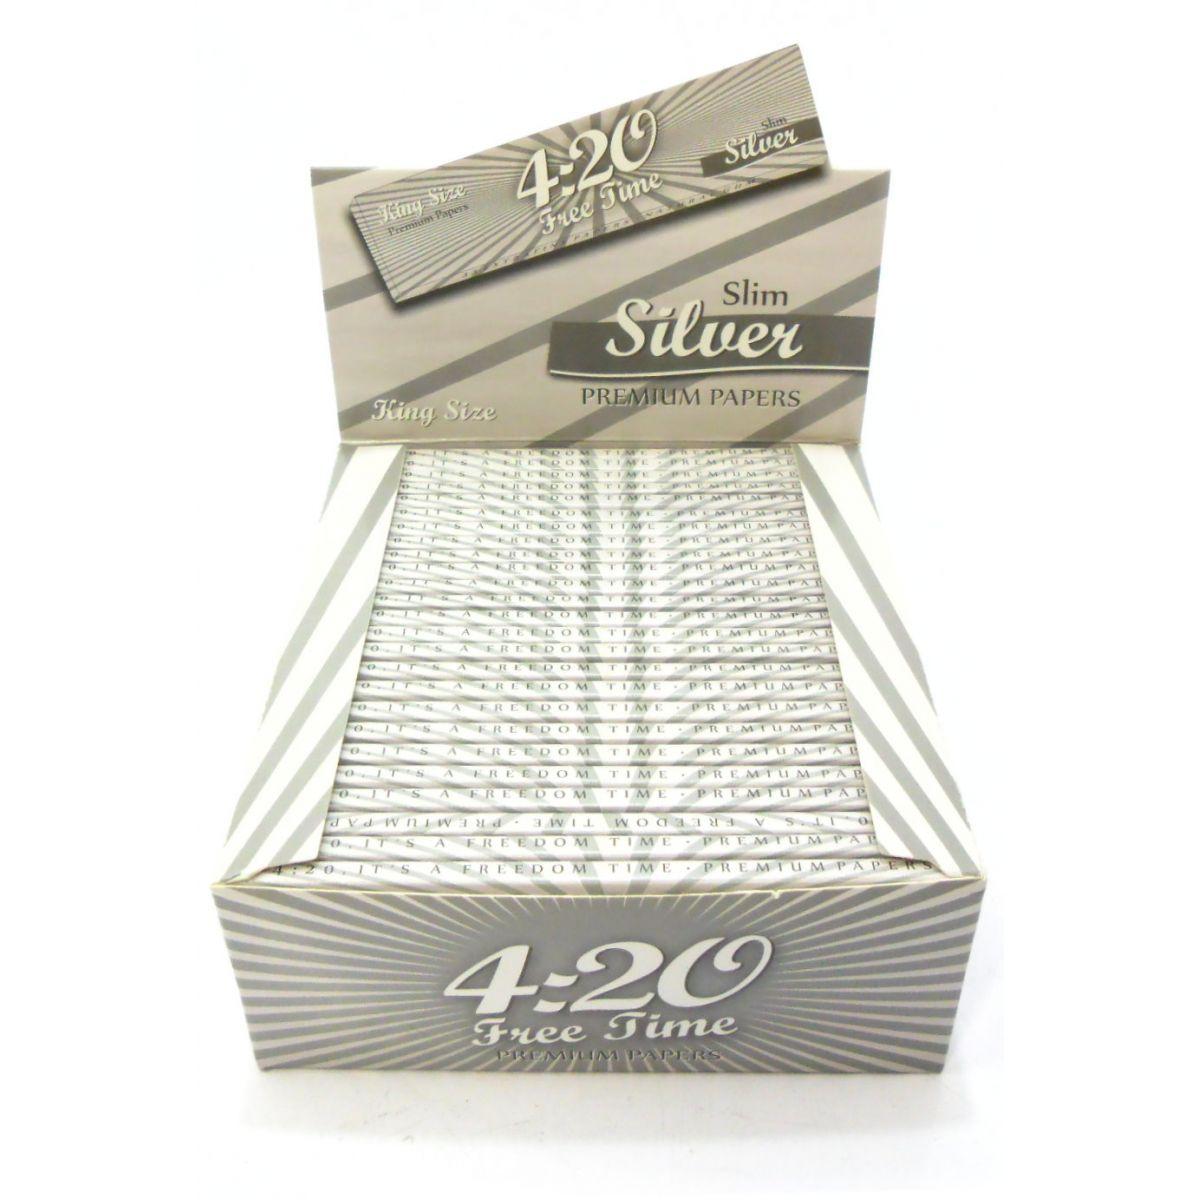 Caixa de seda ULTRA420, KING SIZE SILVER, caixa com 50 livros com 33 folhas cada.